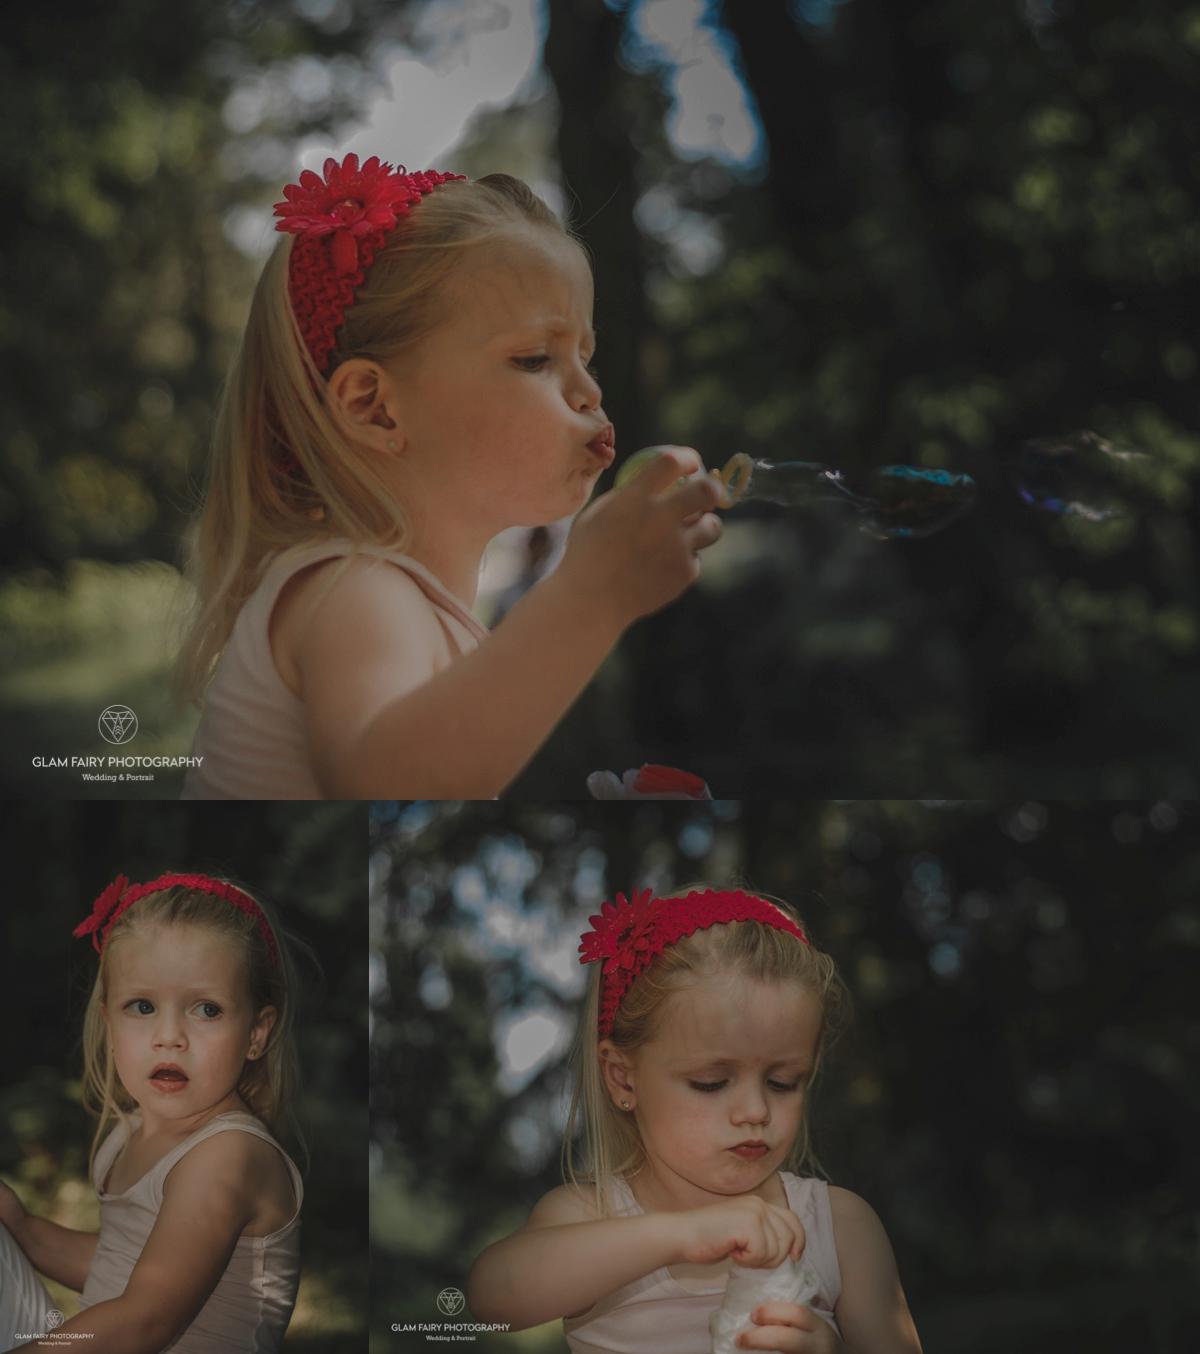 GlamFairyPhotography-photographe-seance-enfant-gipsy-eloise_0002